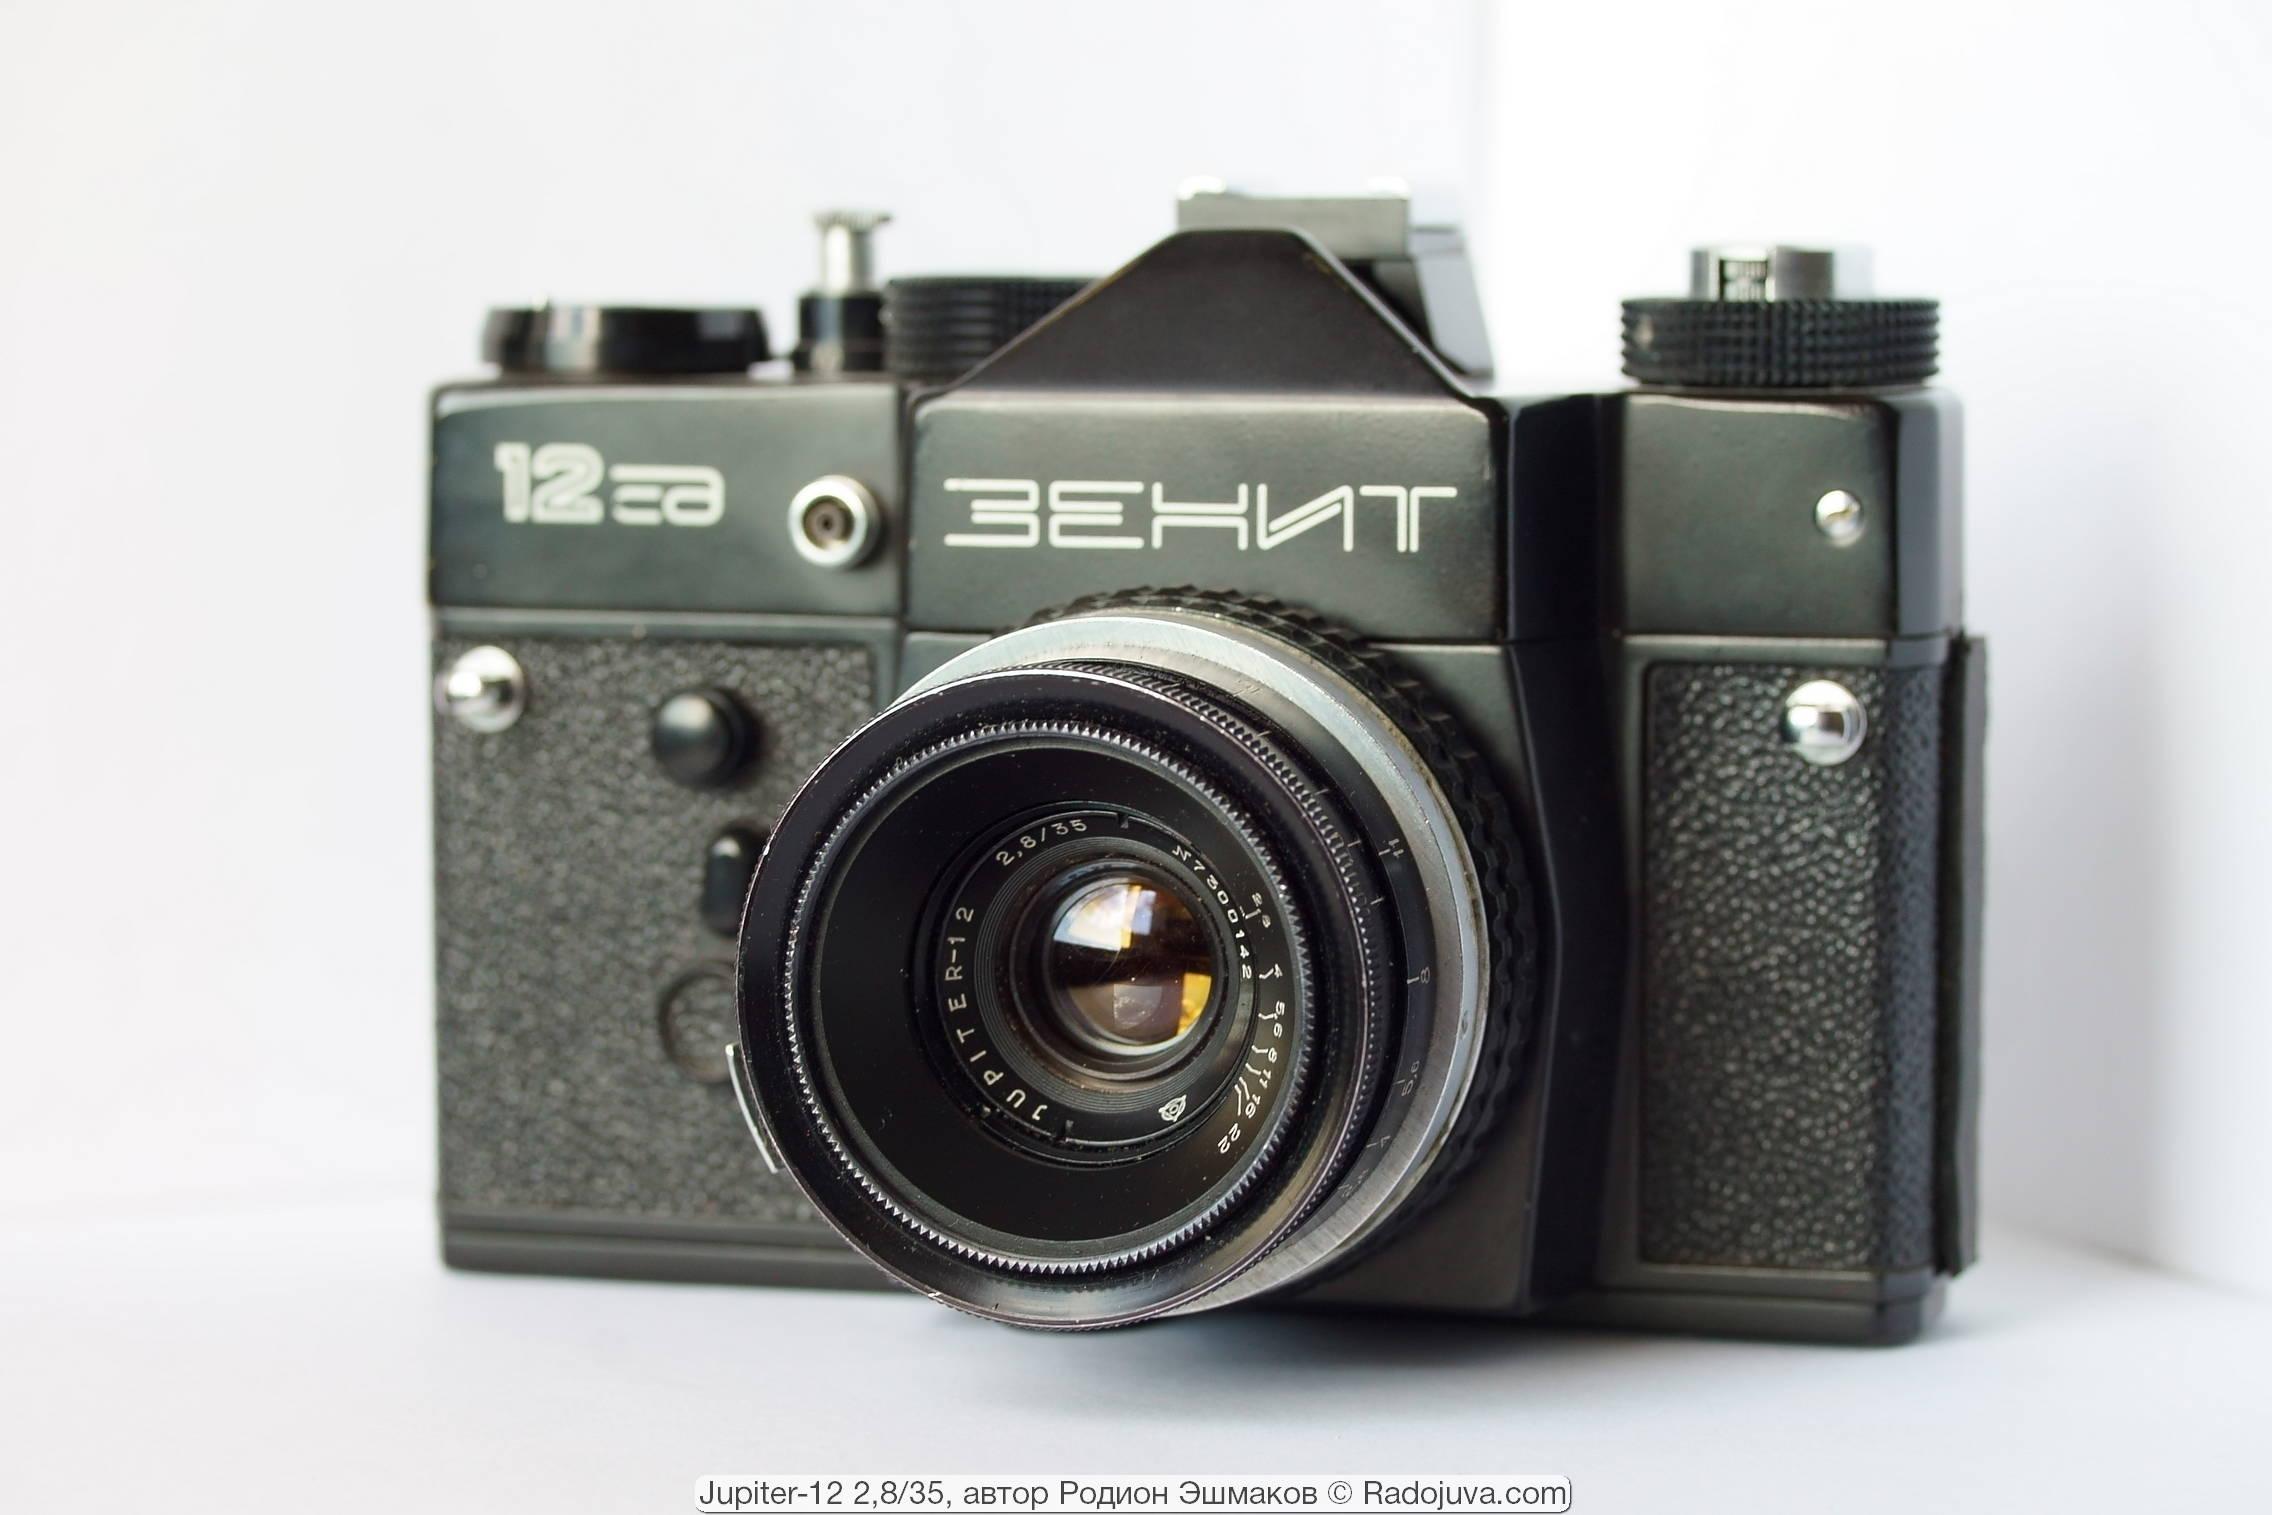 Юпитер-12 позирует для Радоживы на камере «Зенит-12СД», которая отдаленно похожа на современные камеры Sony ILCE 7 :) Как и зачем? – Читайте в этой статье.